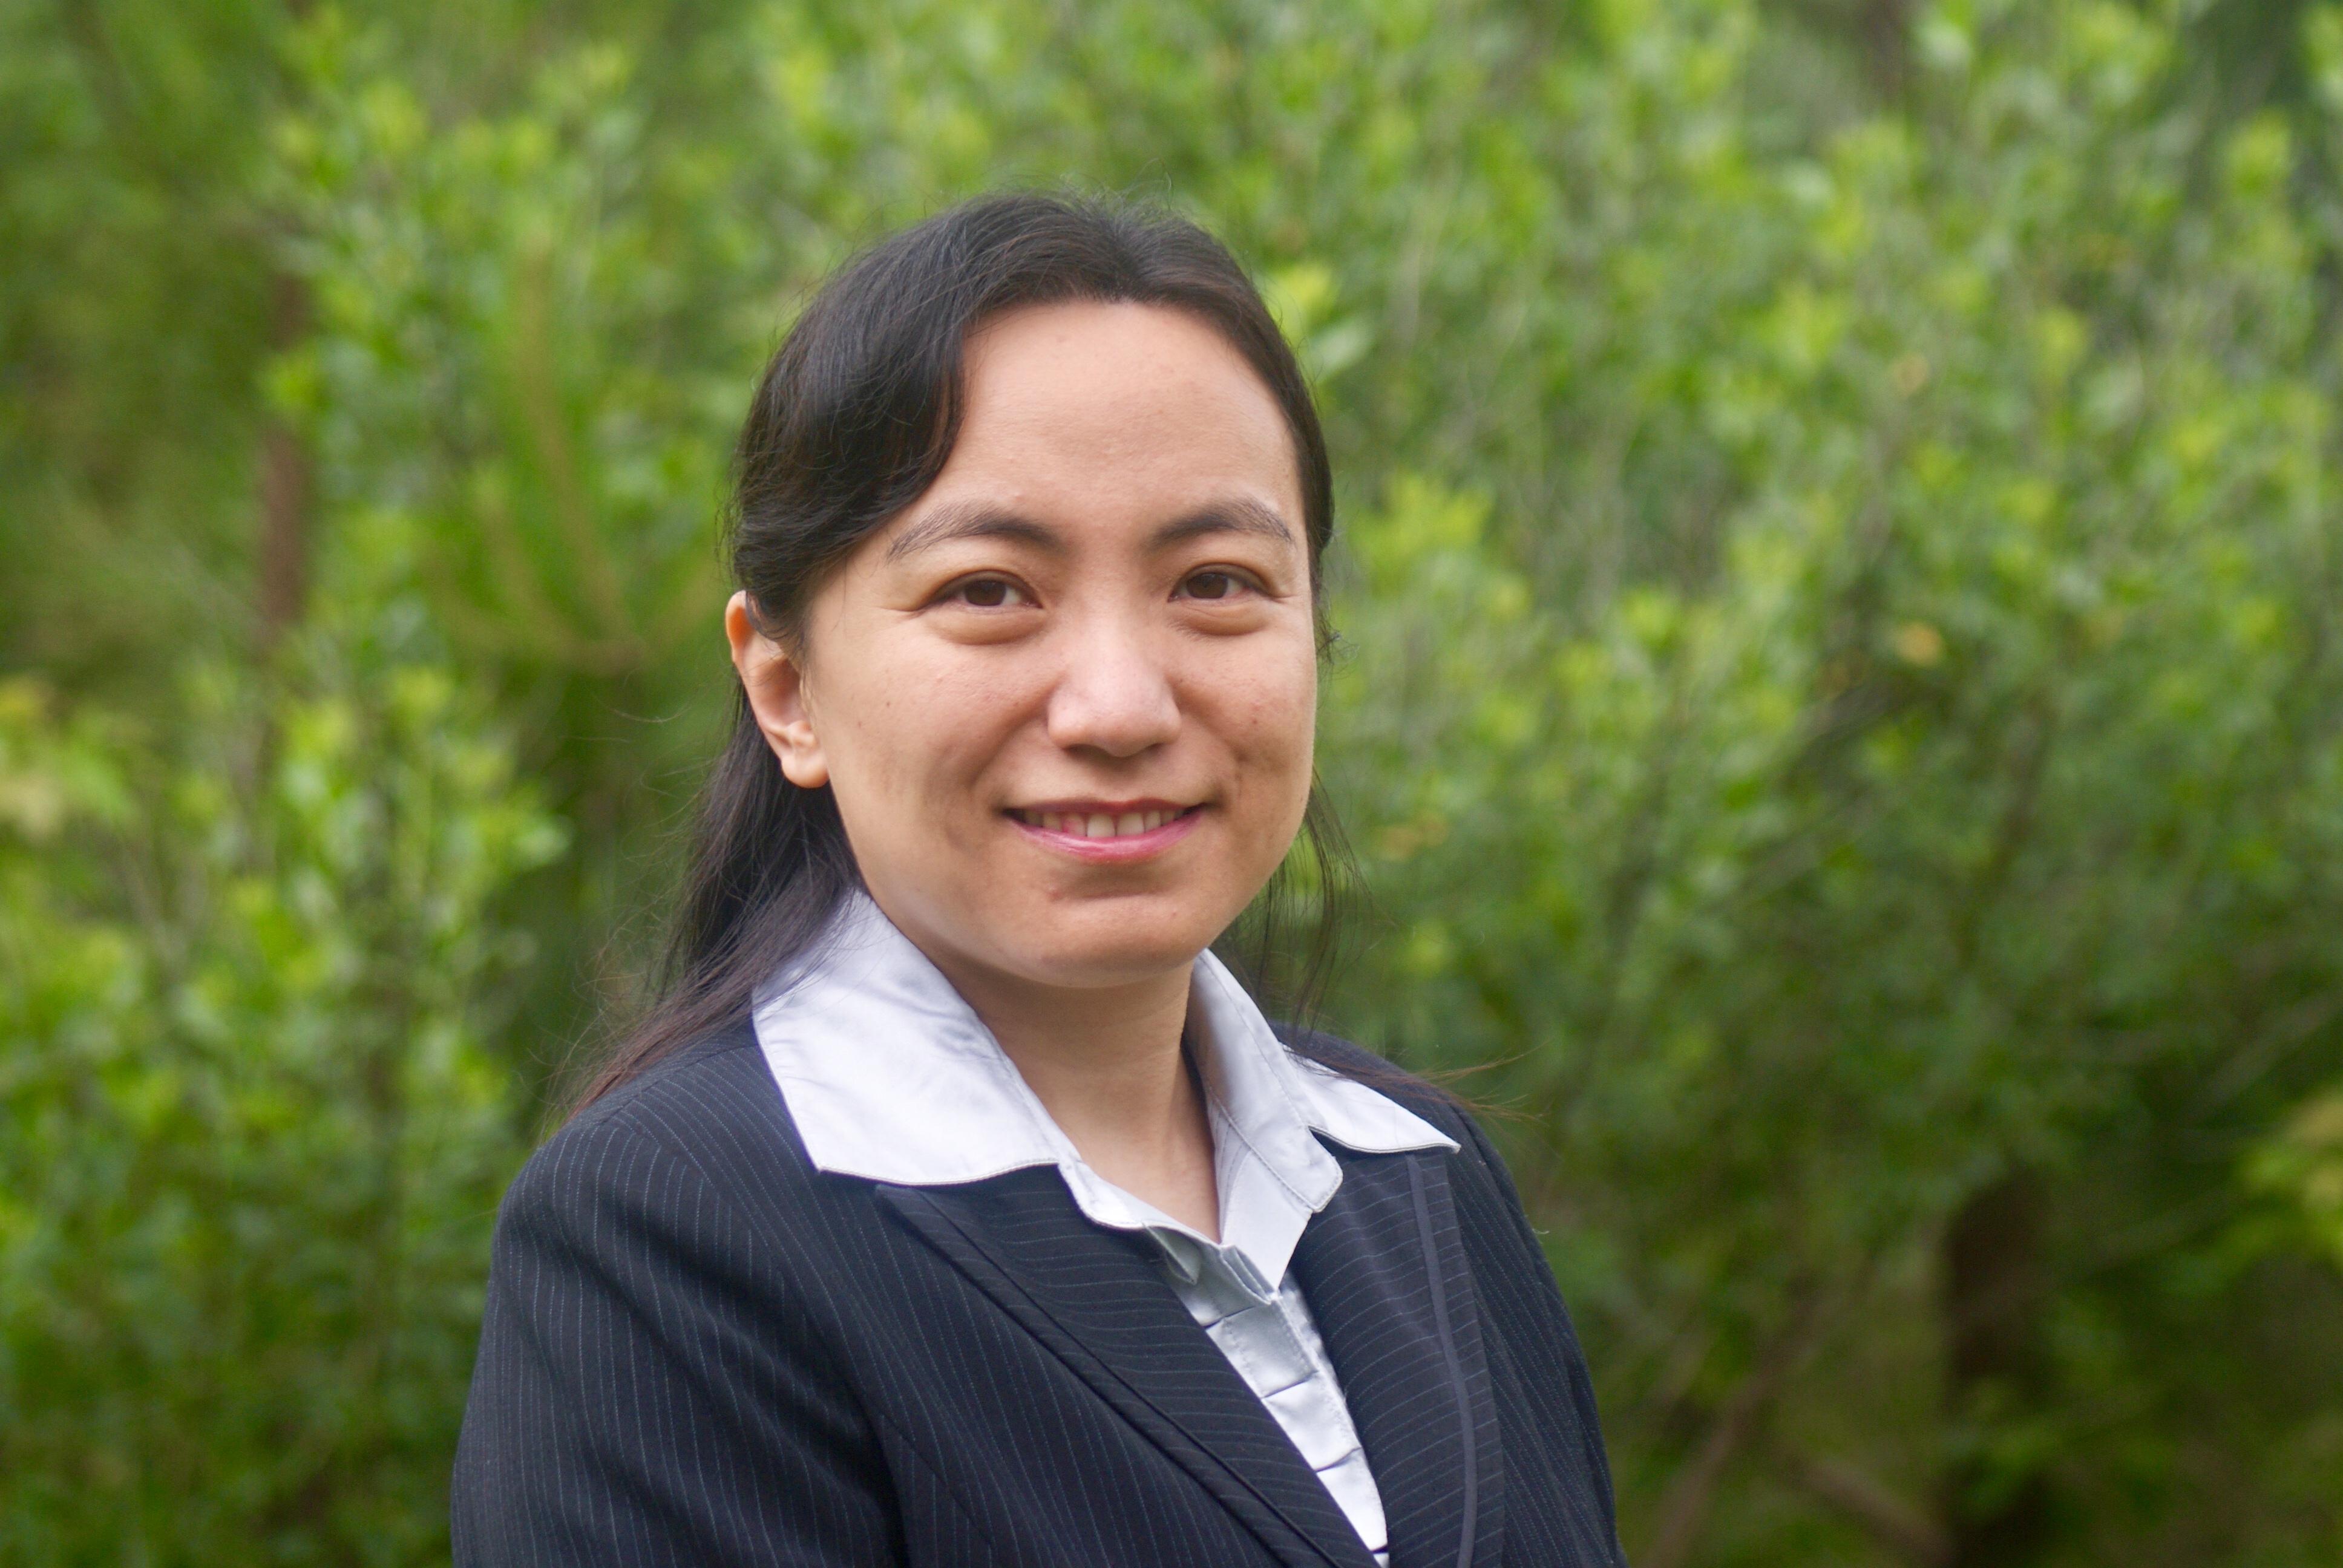 JianpingSun